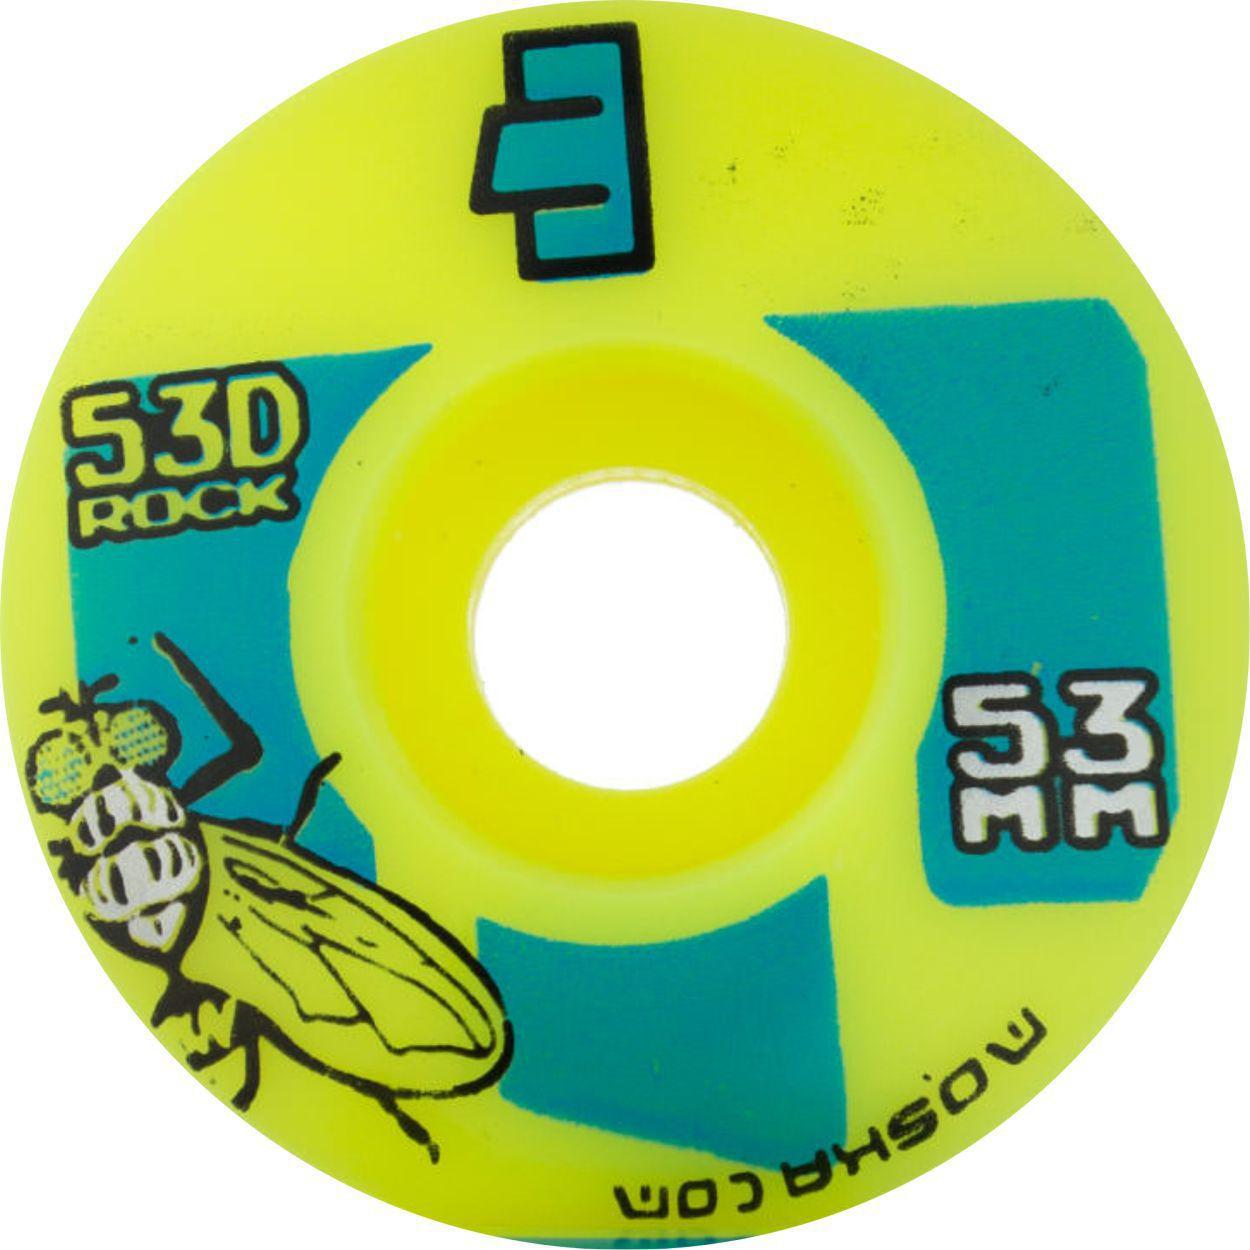 RODA MOSKA 53MM 53D ROCK